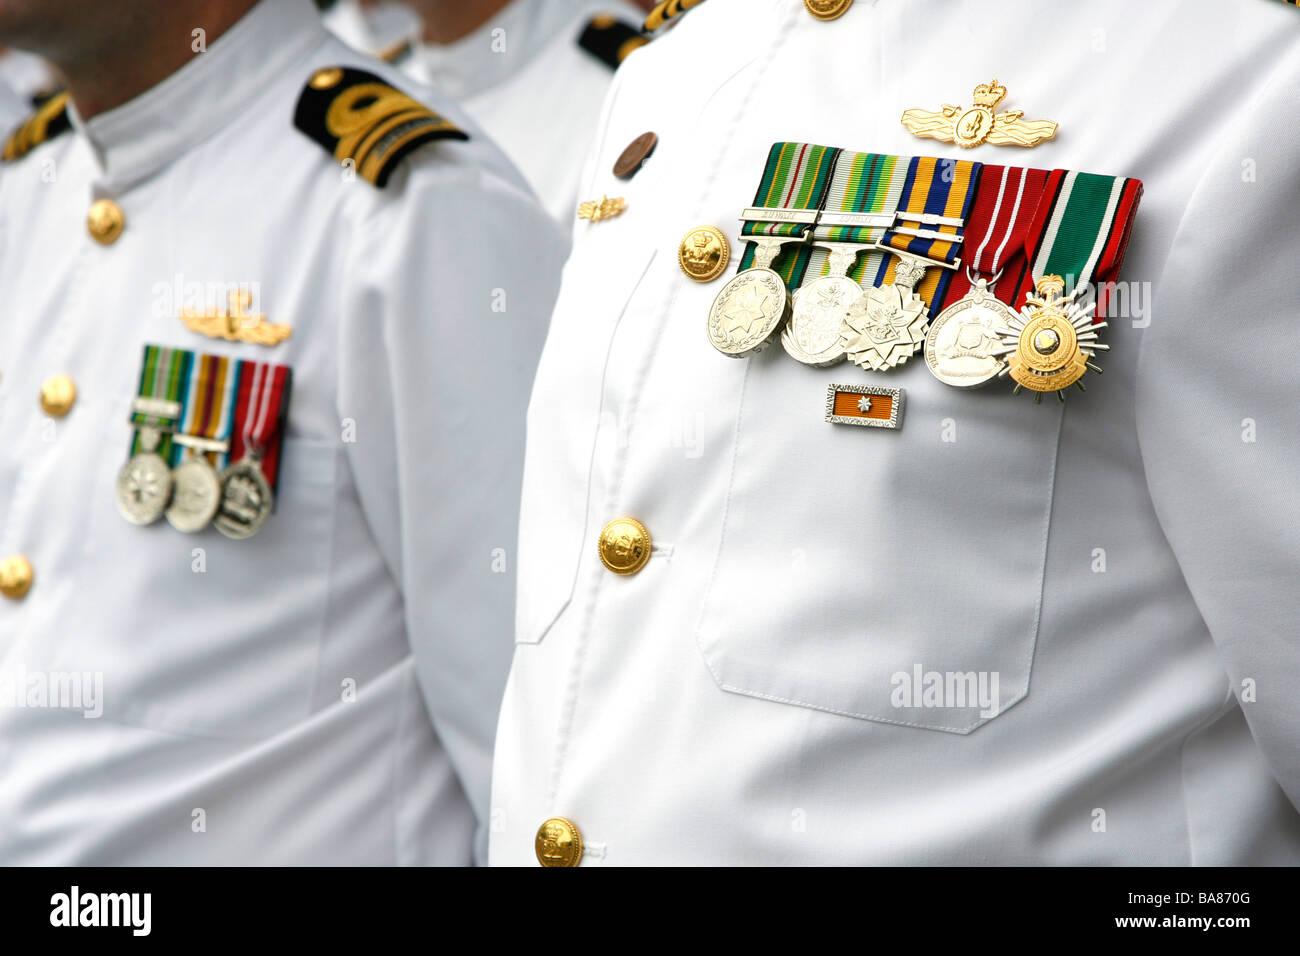 Medaillen auf der Brust eines Mitglieds der australischen Marine. Stockbild